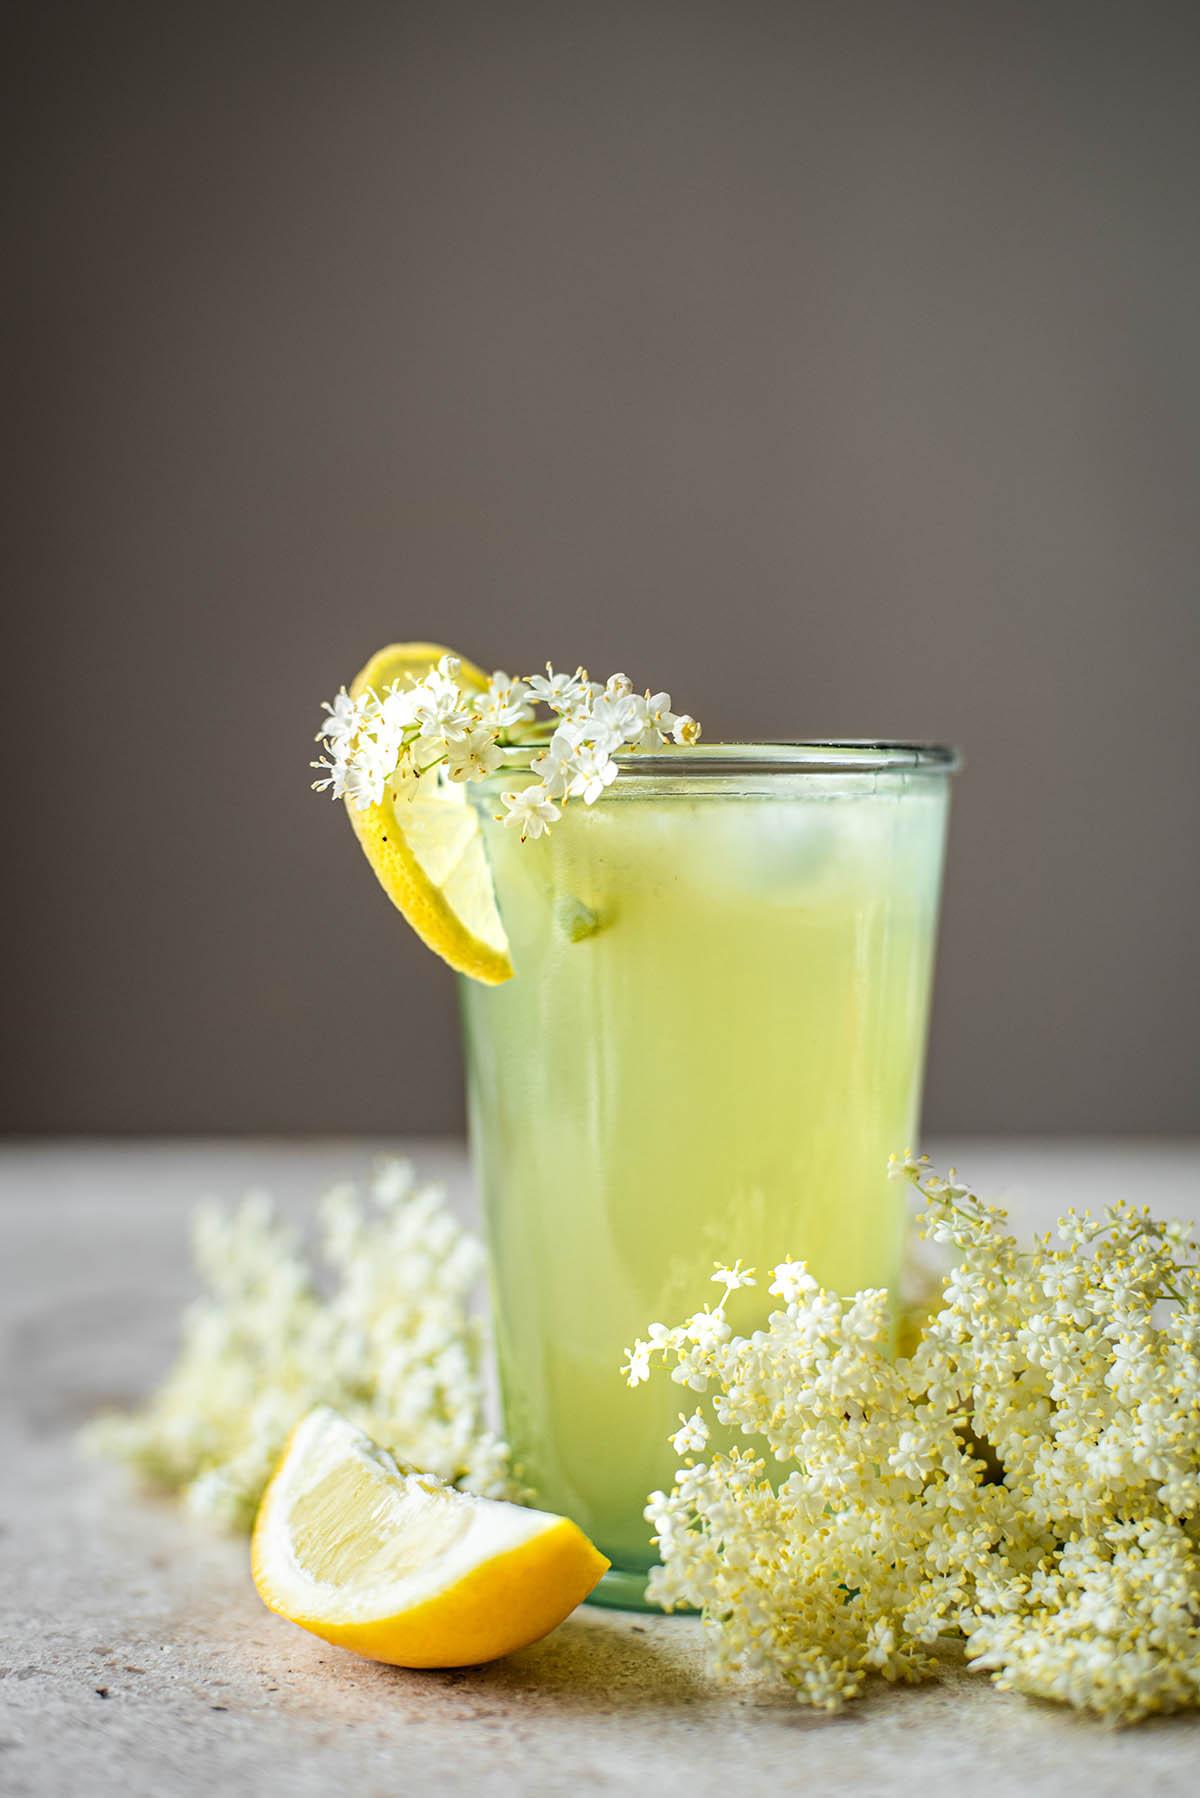 A glass of lemonade with elderflower.